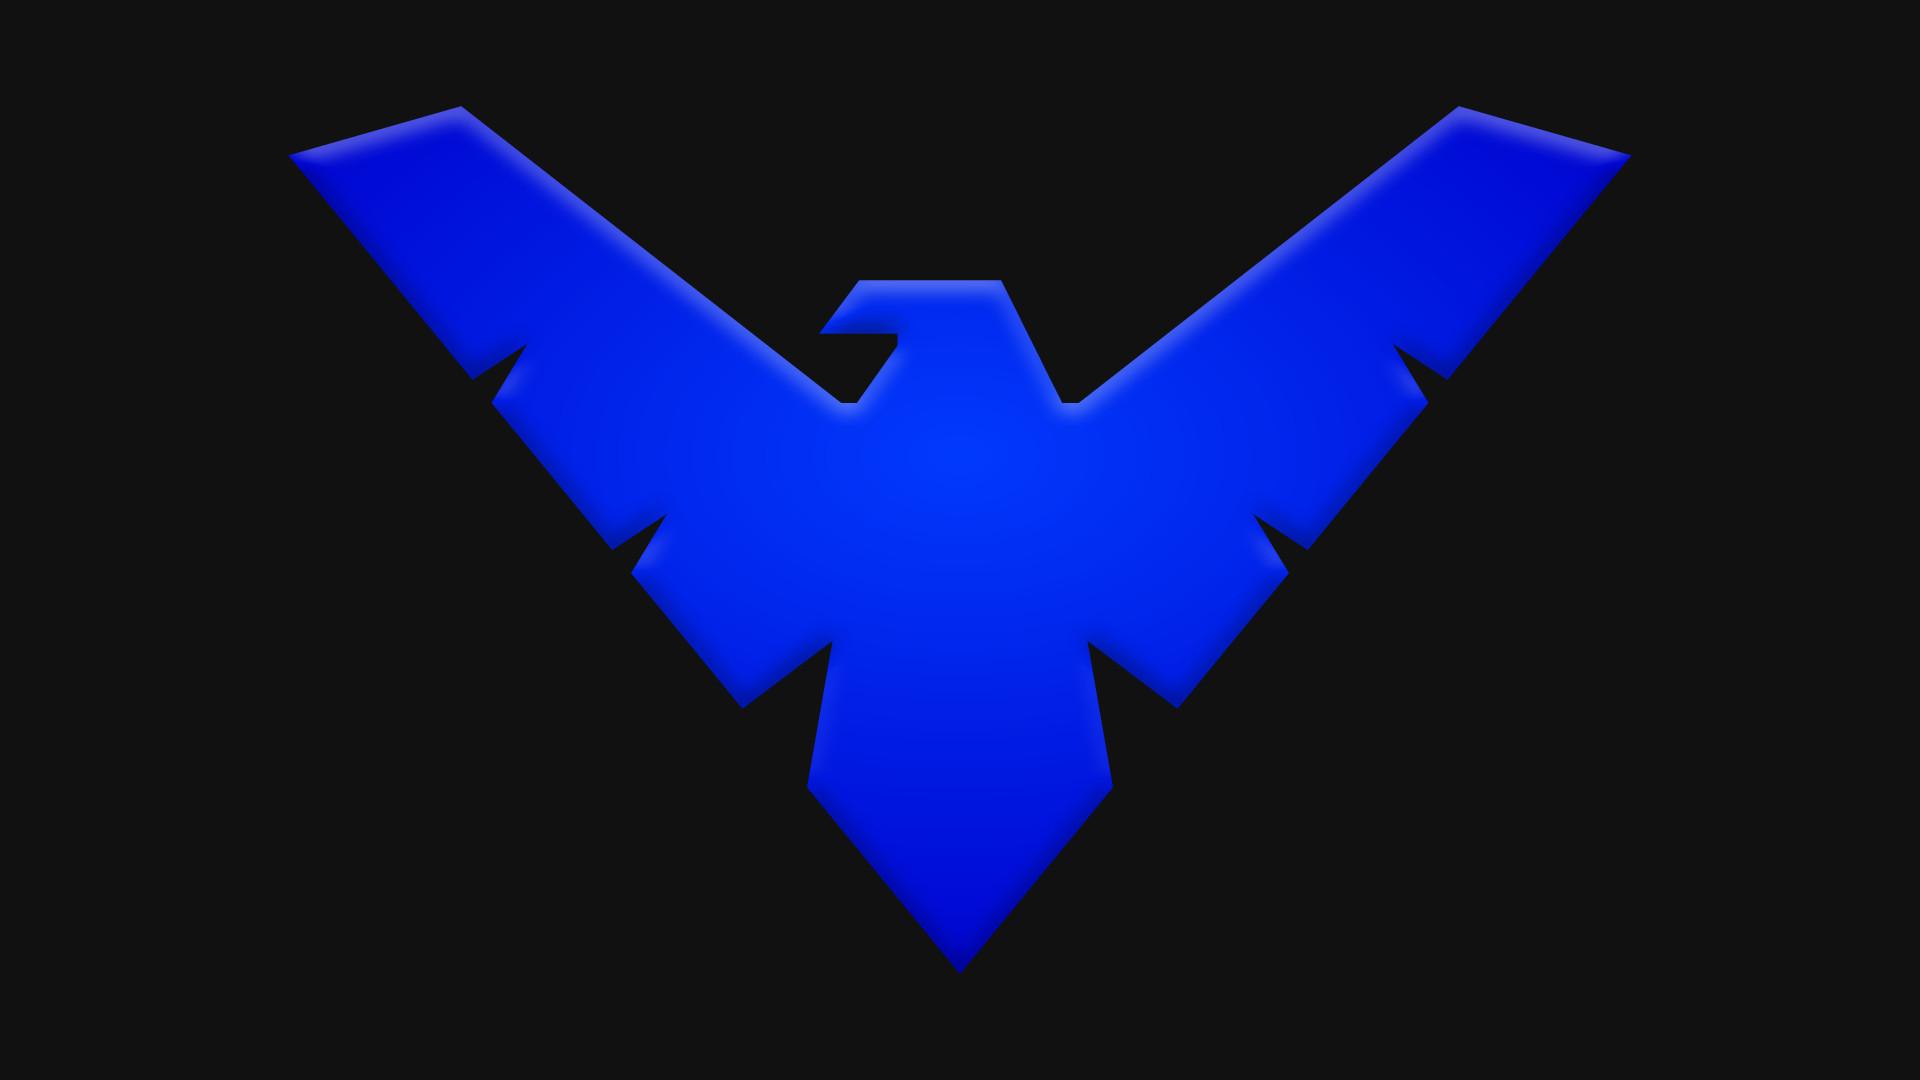 Nightwing Logo Wallpaper – WallpaperSafari